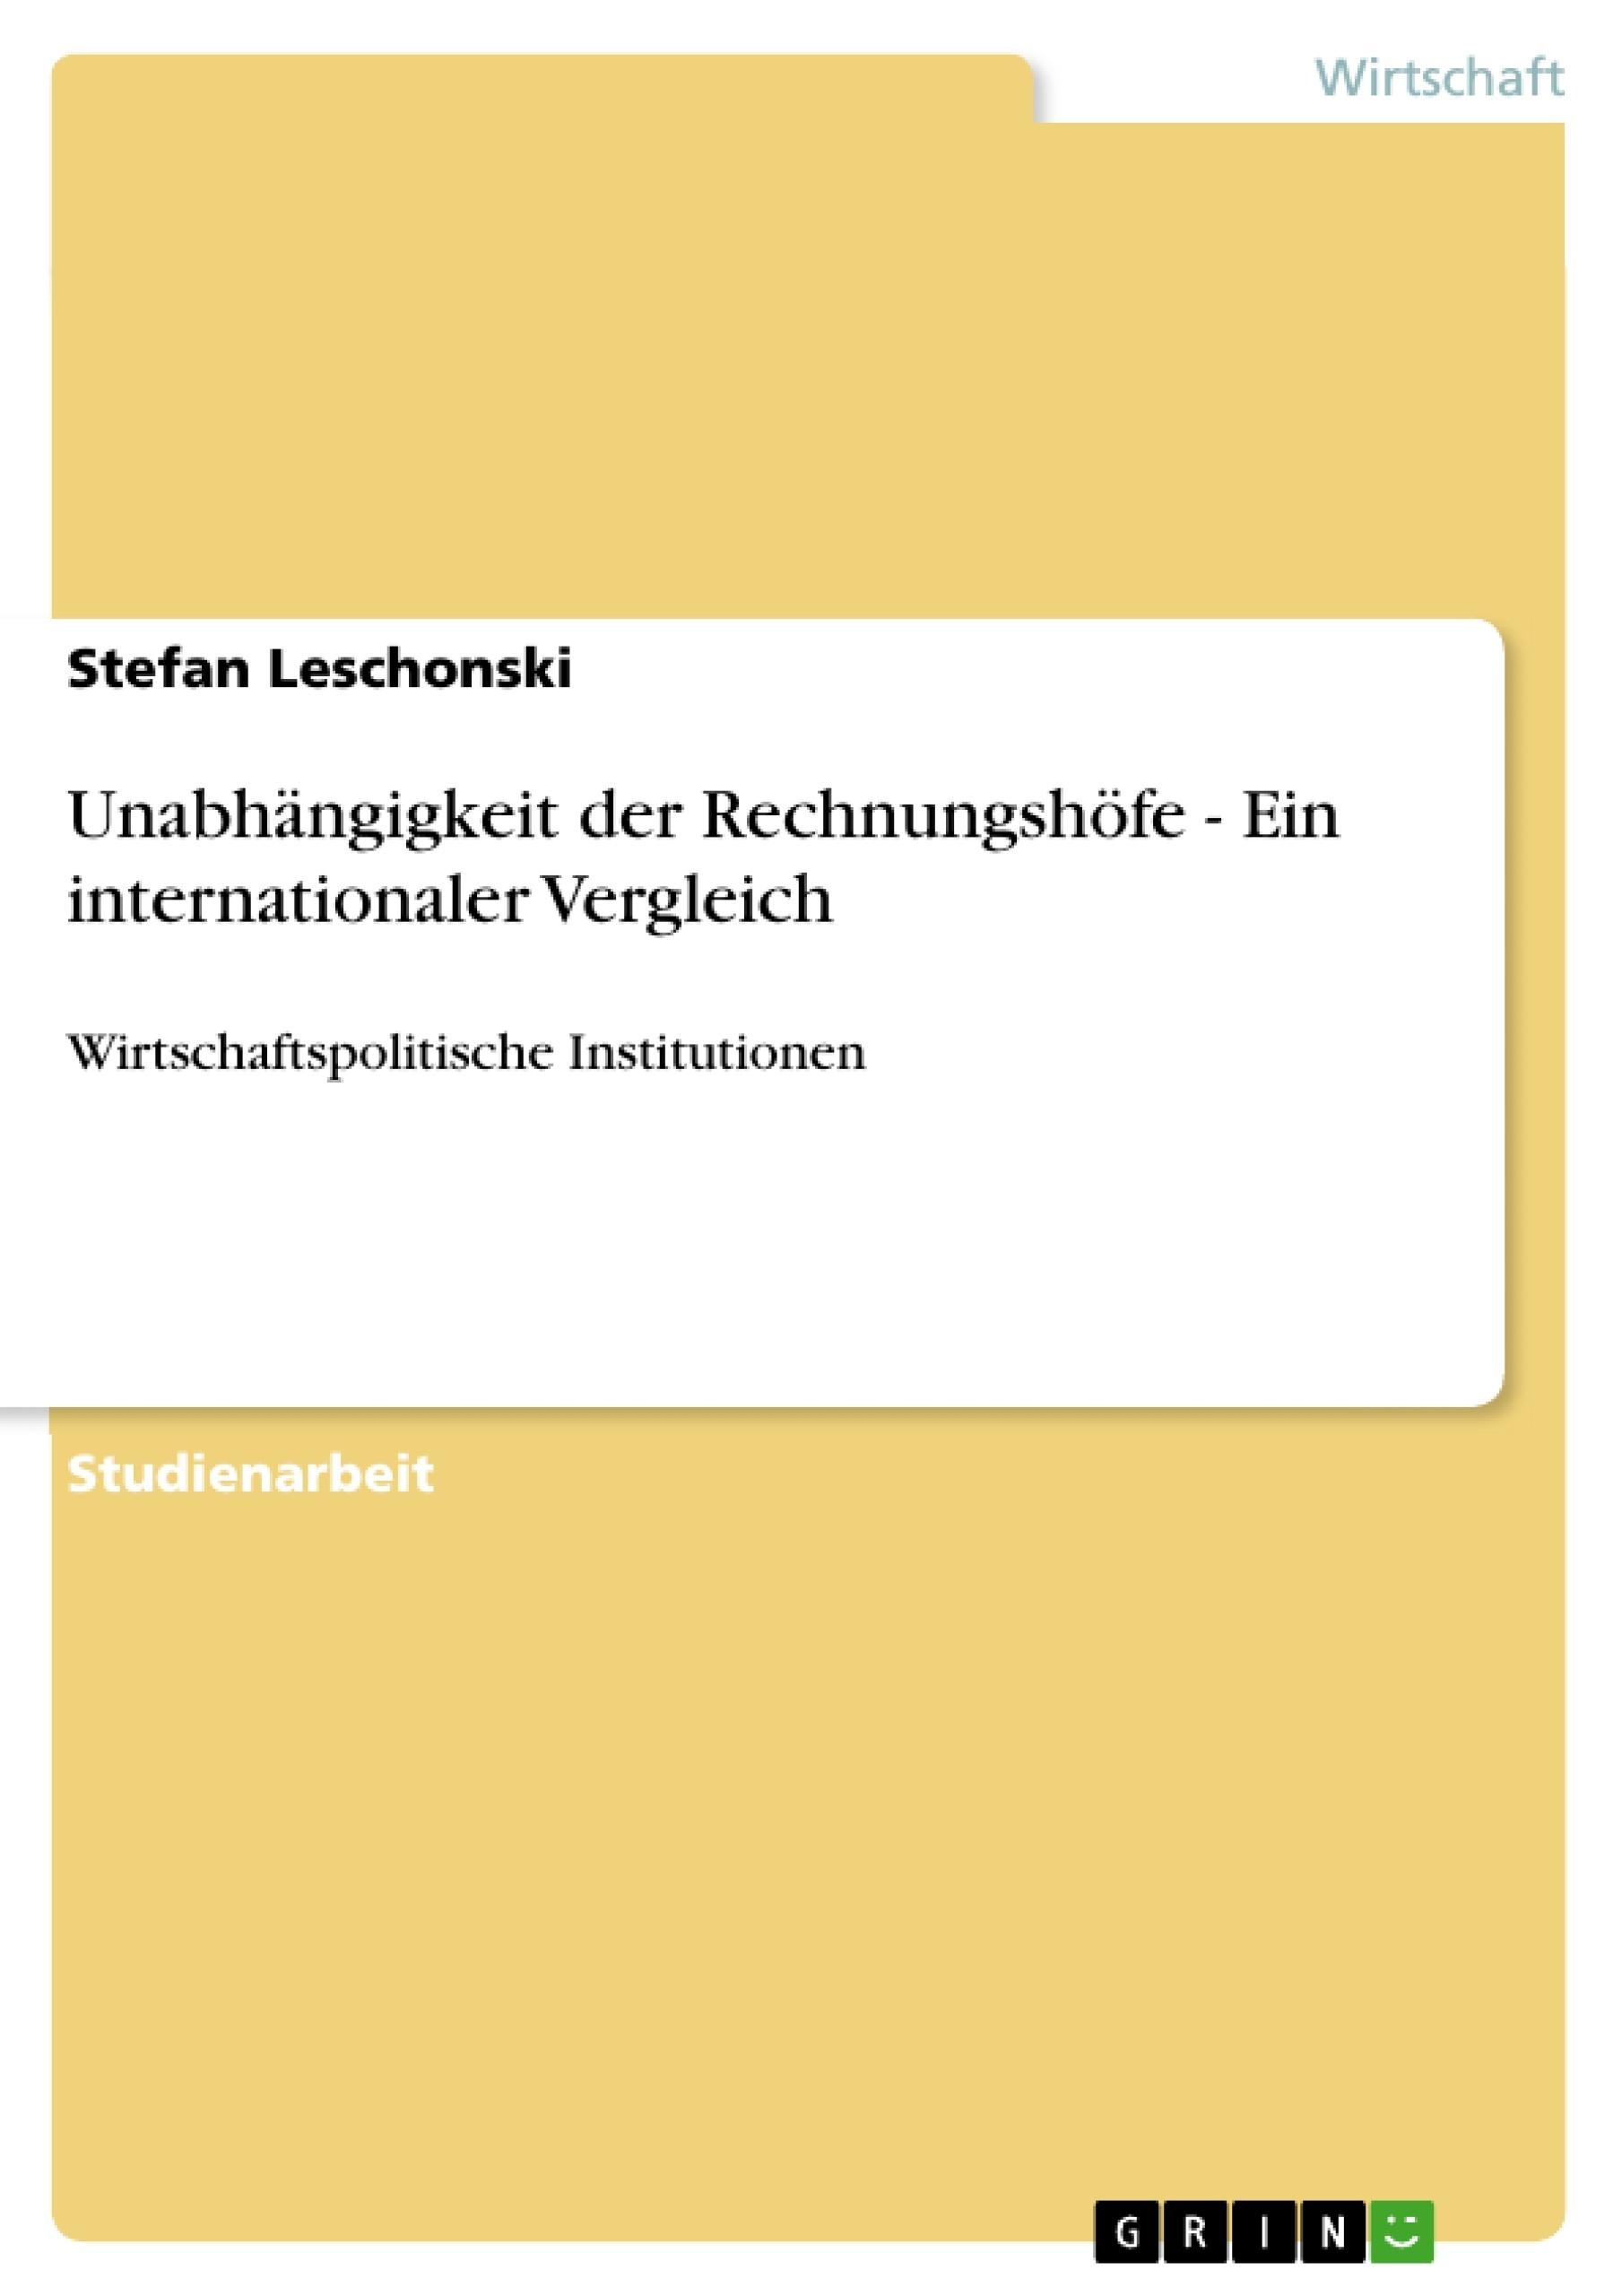 Titel: Unabhängigkeit der Rechnungshöfe - Ein internationaler Vergleich